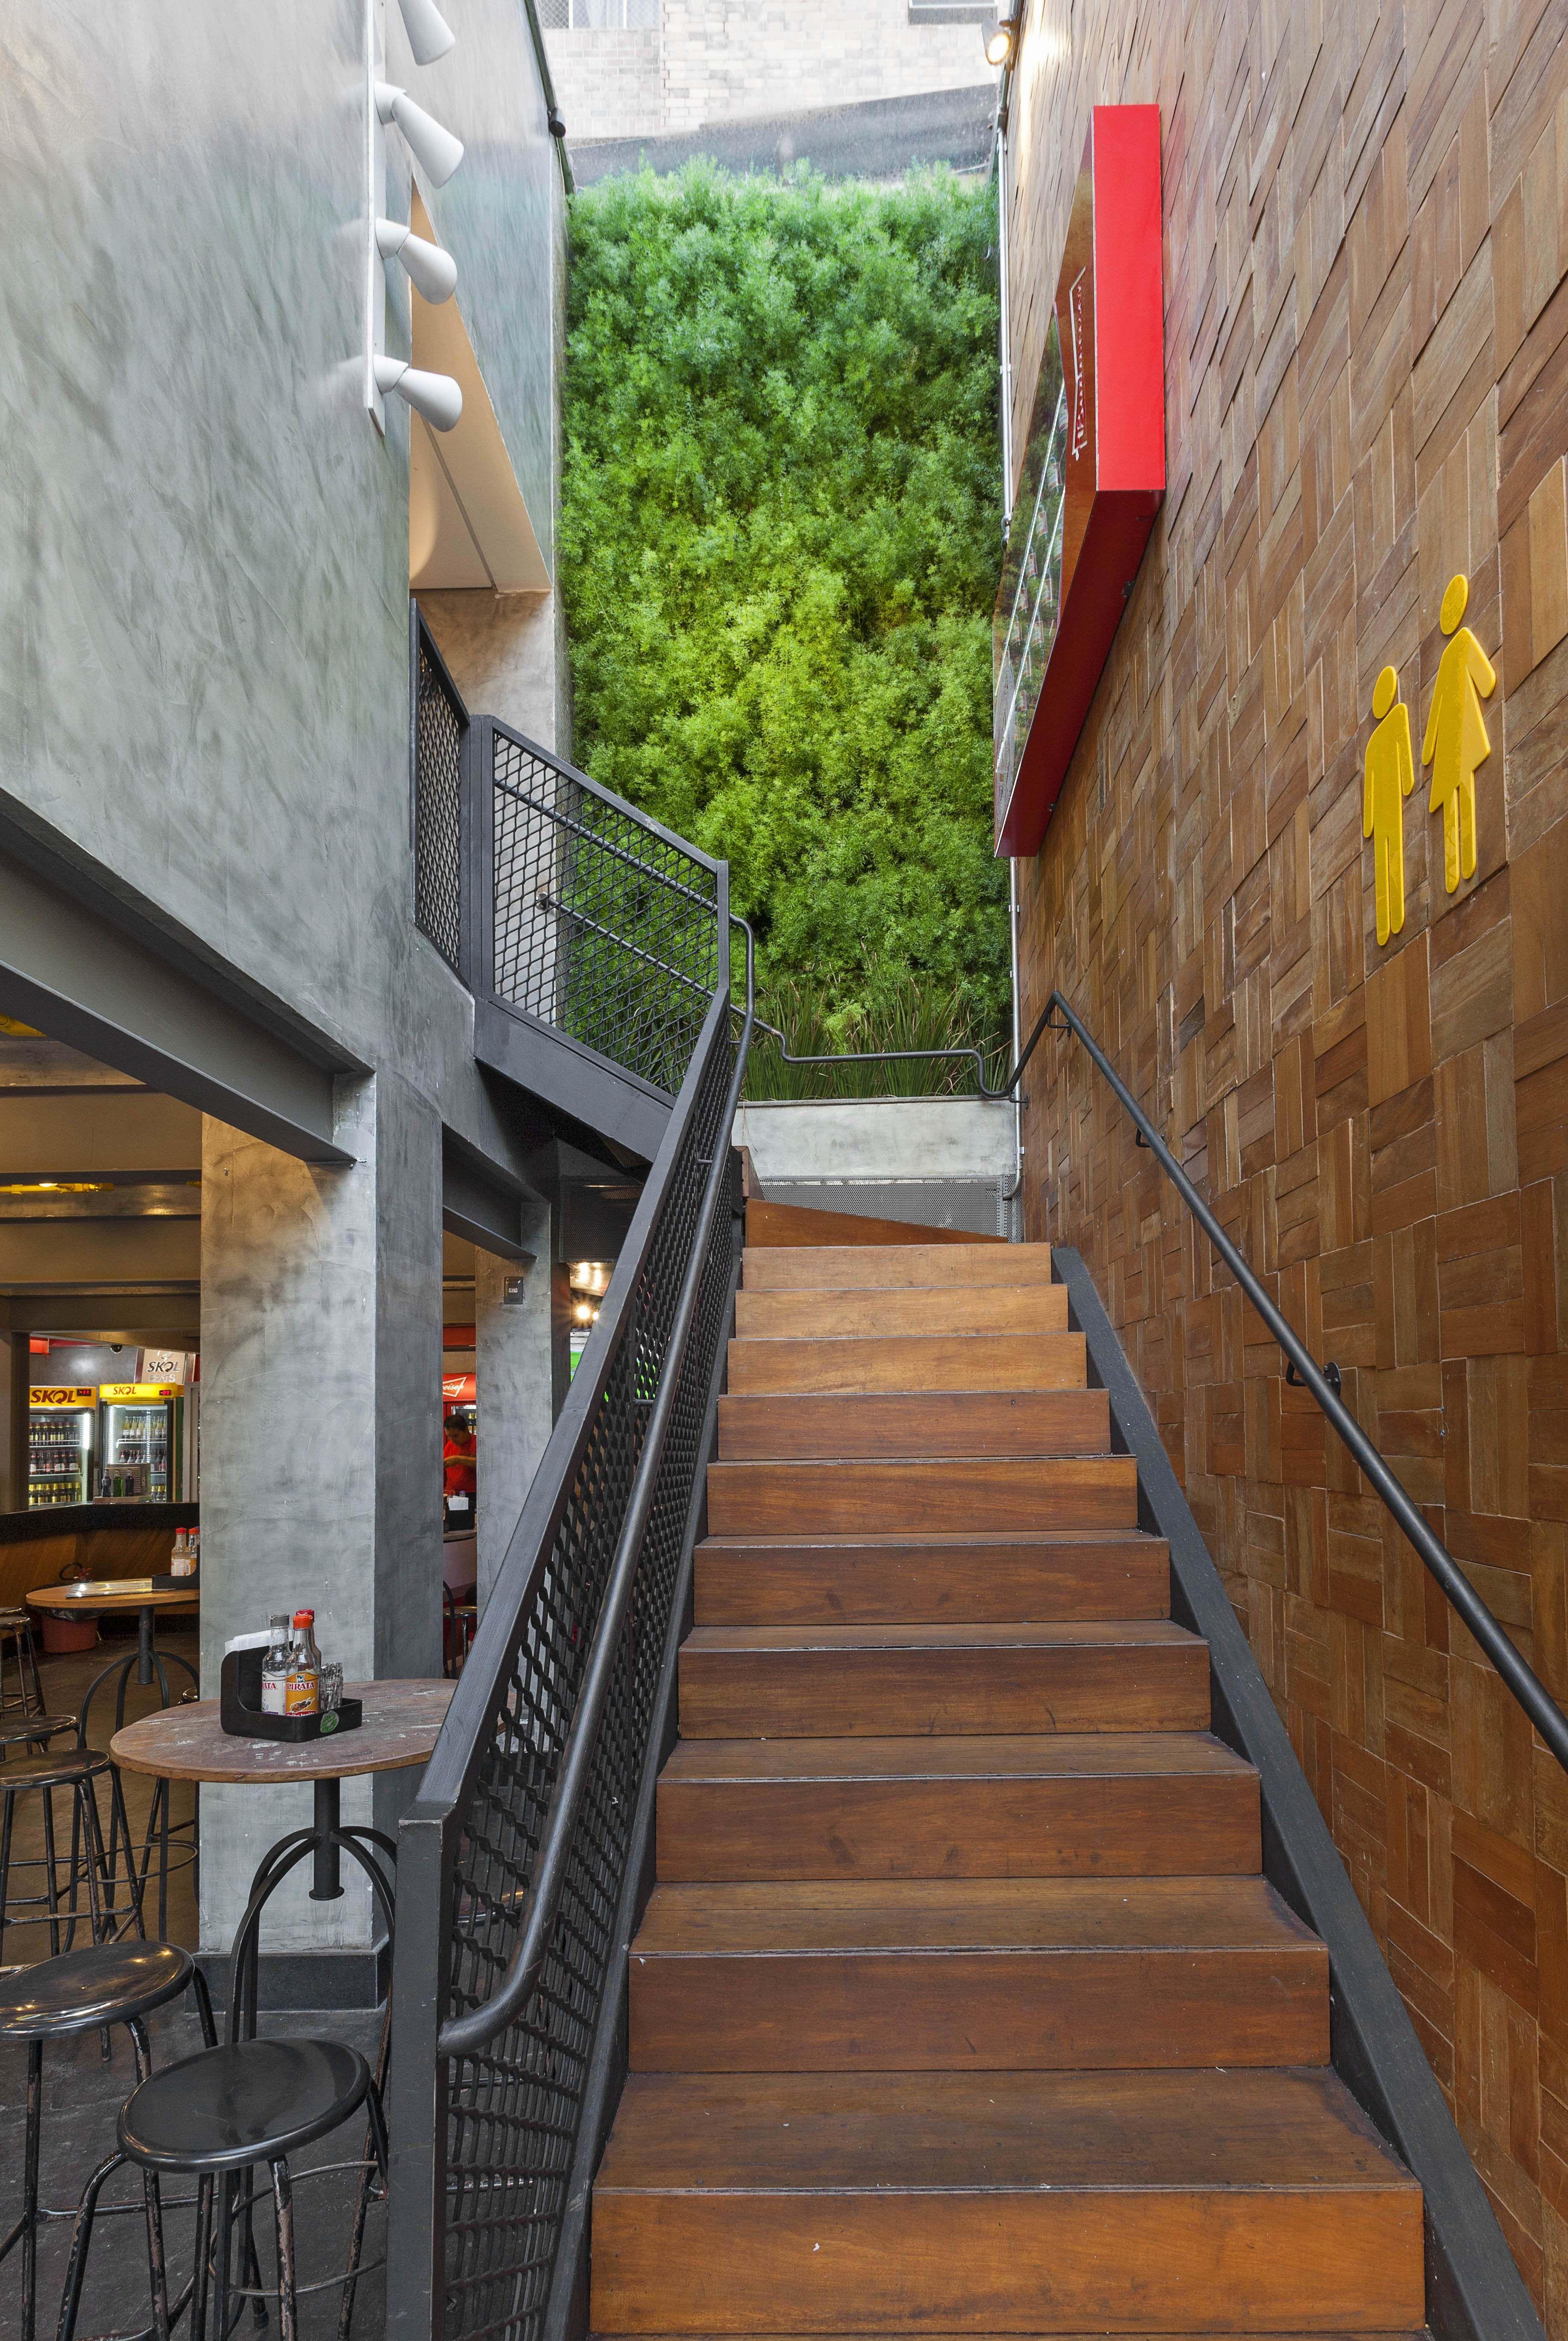 Projeto de reforma comercial Bar O Rei Lourdes, Belo Horizonte, Minas Gerais. Brasil. Aptar Arquitetura